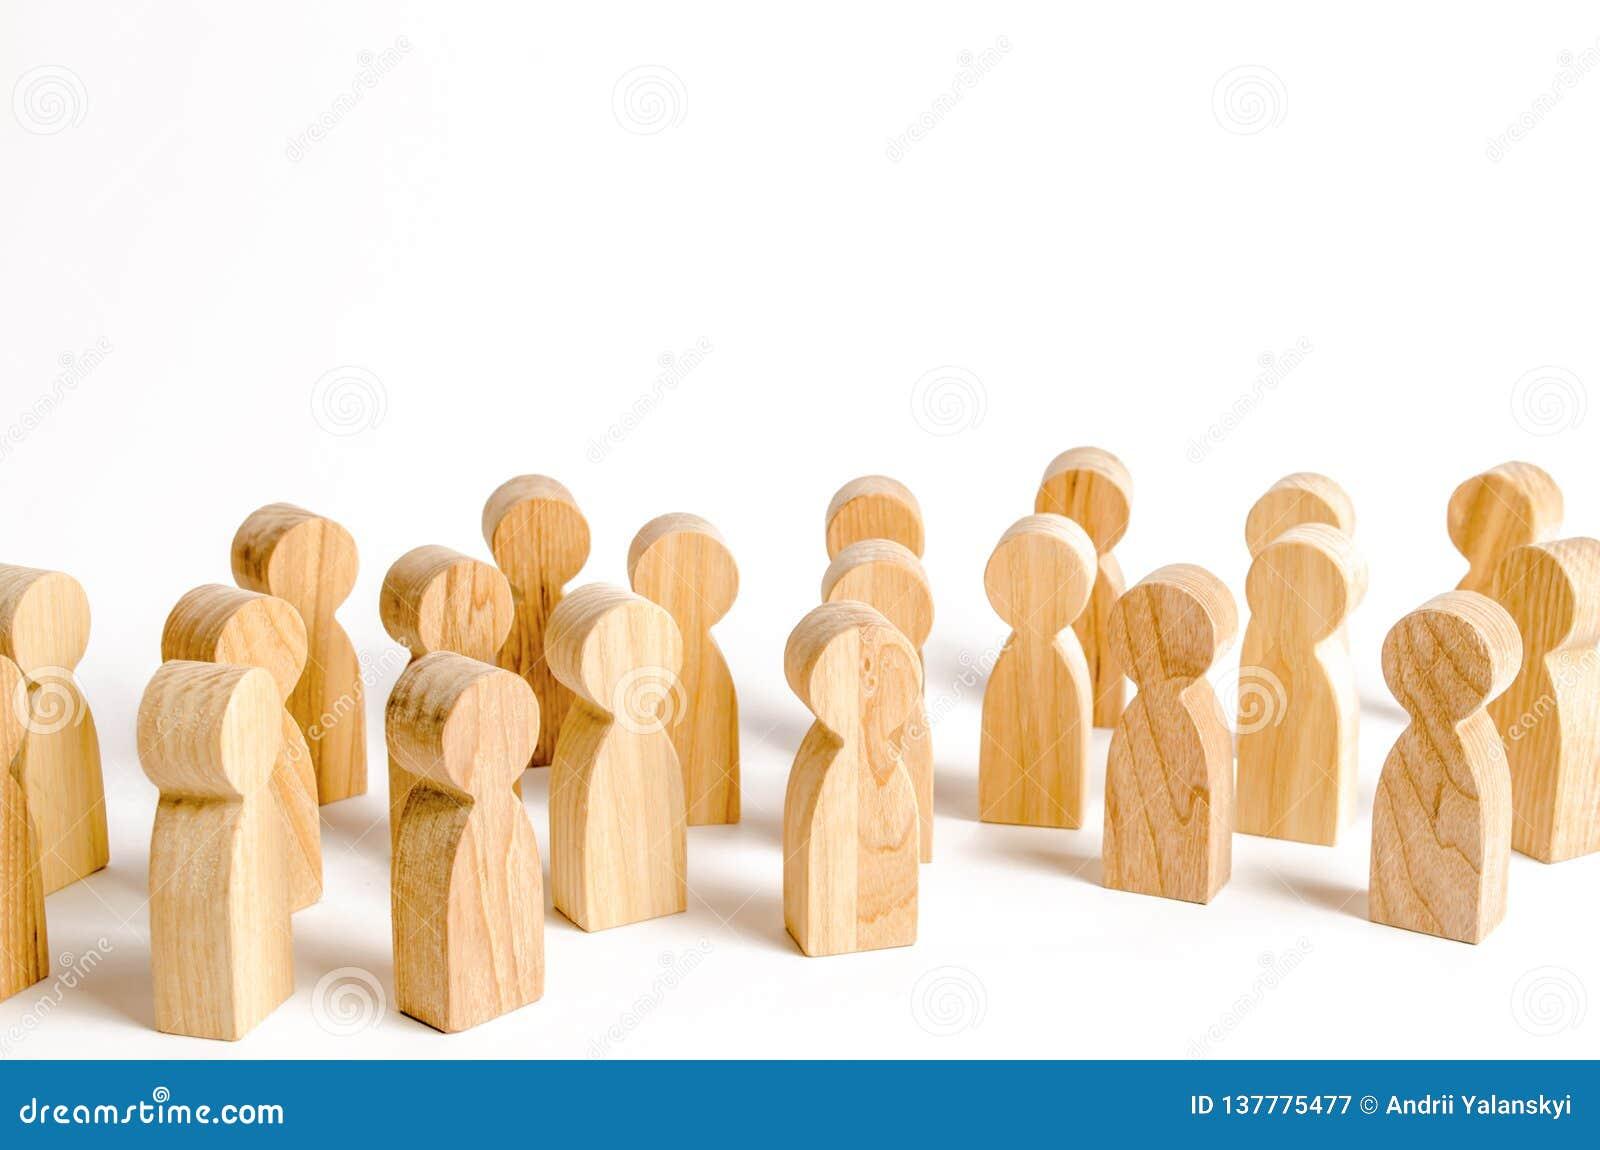 Tłum drewniane postacie ludzie na białym tle Ogólnospołeczna ankieta i opinia publiczna elektorat populacja